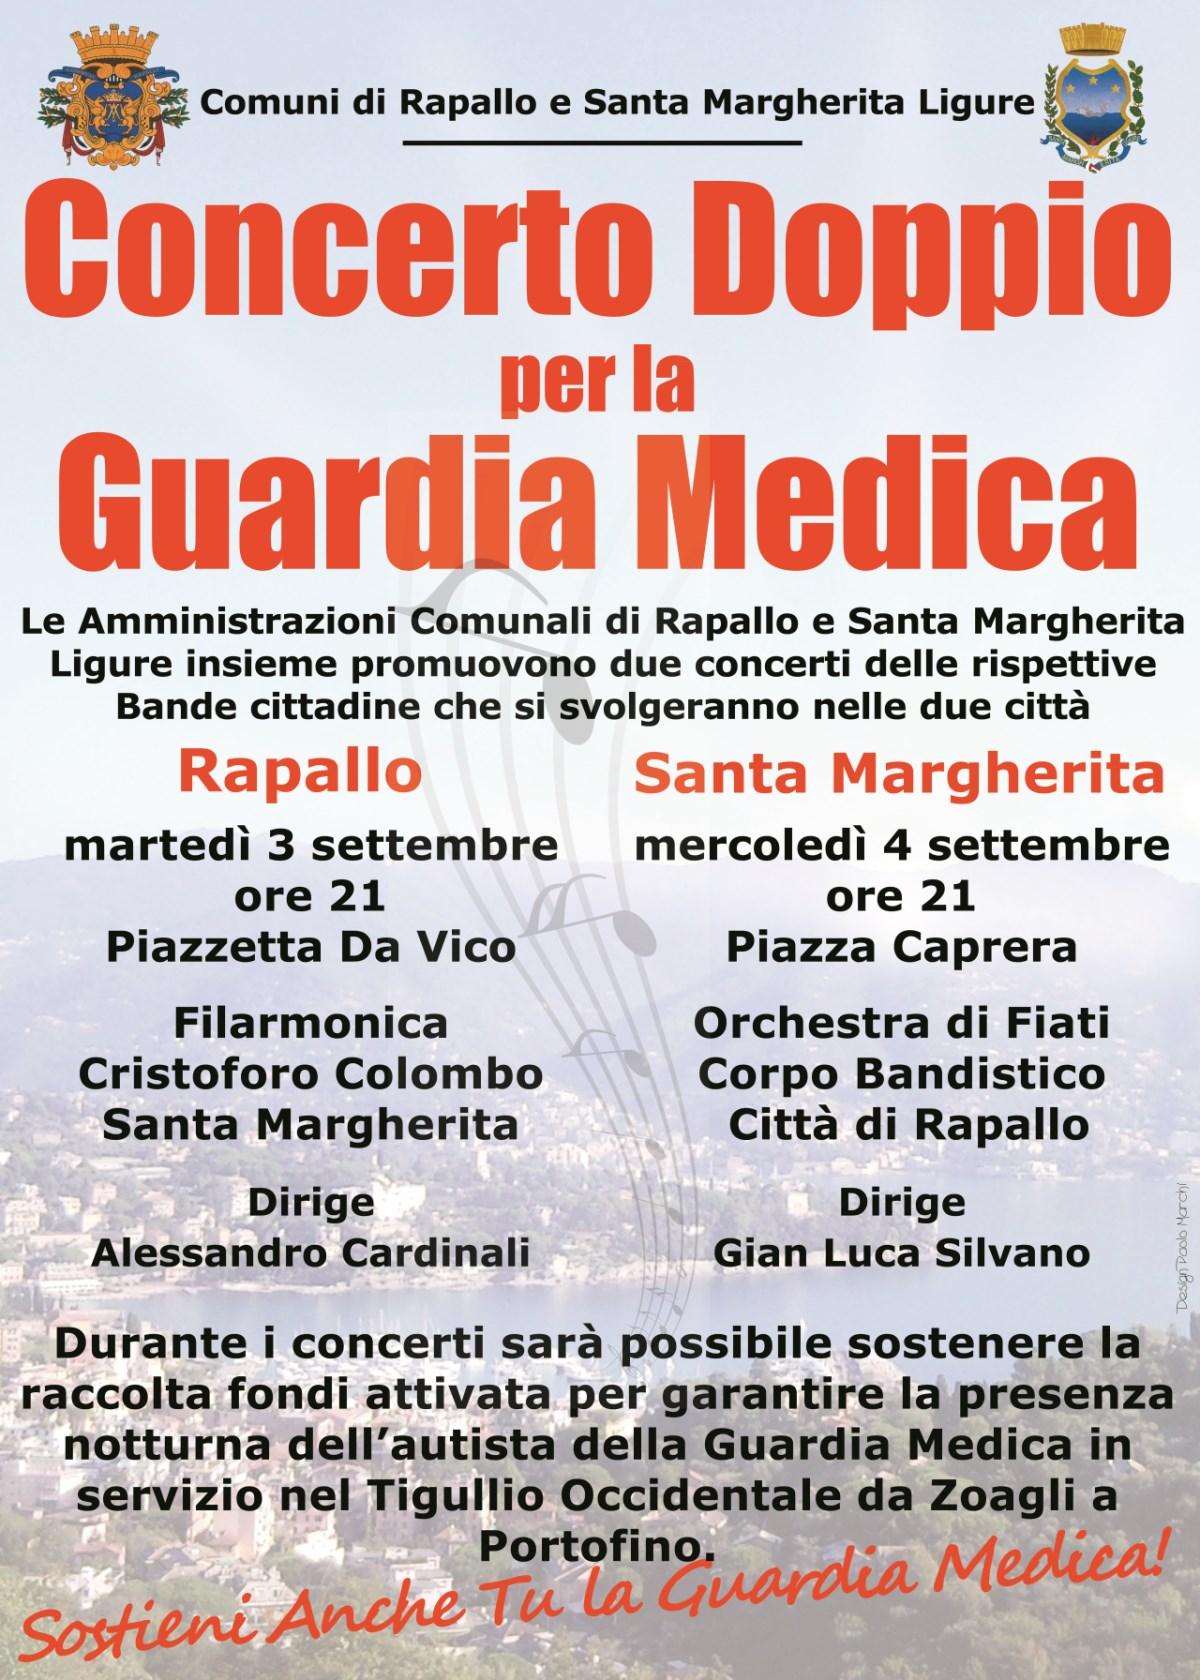 2013-08-23-manifesto-concerto-doppio-per-guardia-medica-cd-ridotto